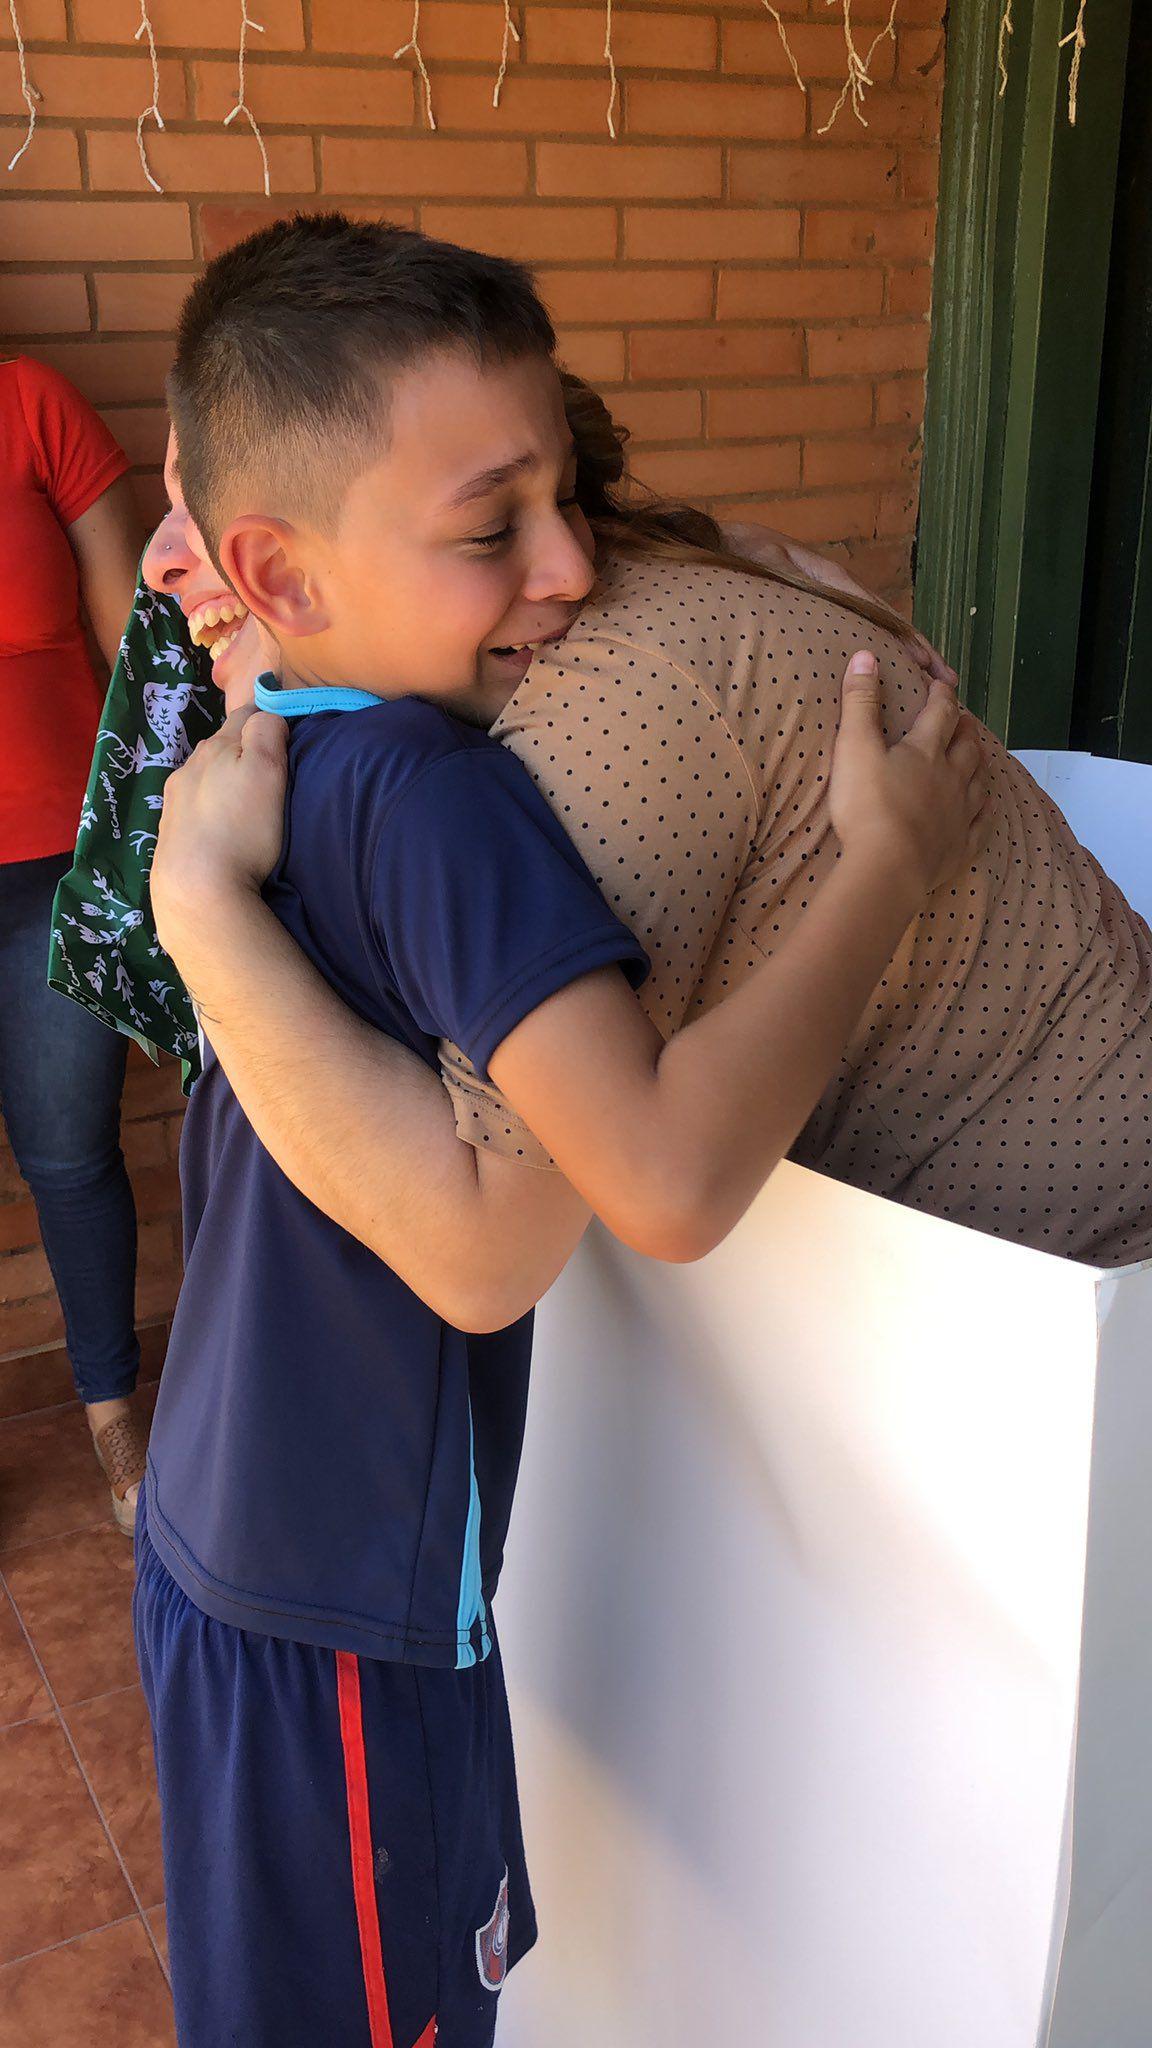 En la imagen se observa a Karina Cabriza el pasado mes de enero, quien volvió luego de once meses de España al país, para sorprender a su hijo Iann de nueve años.